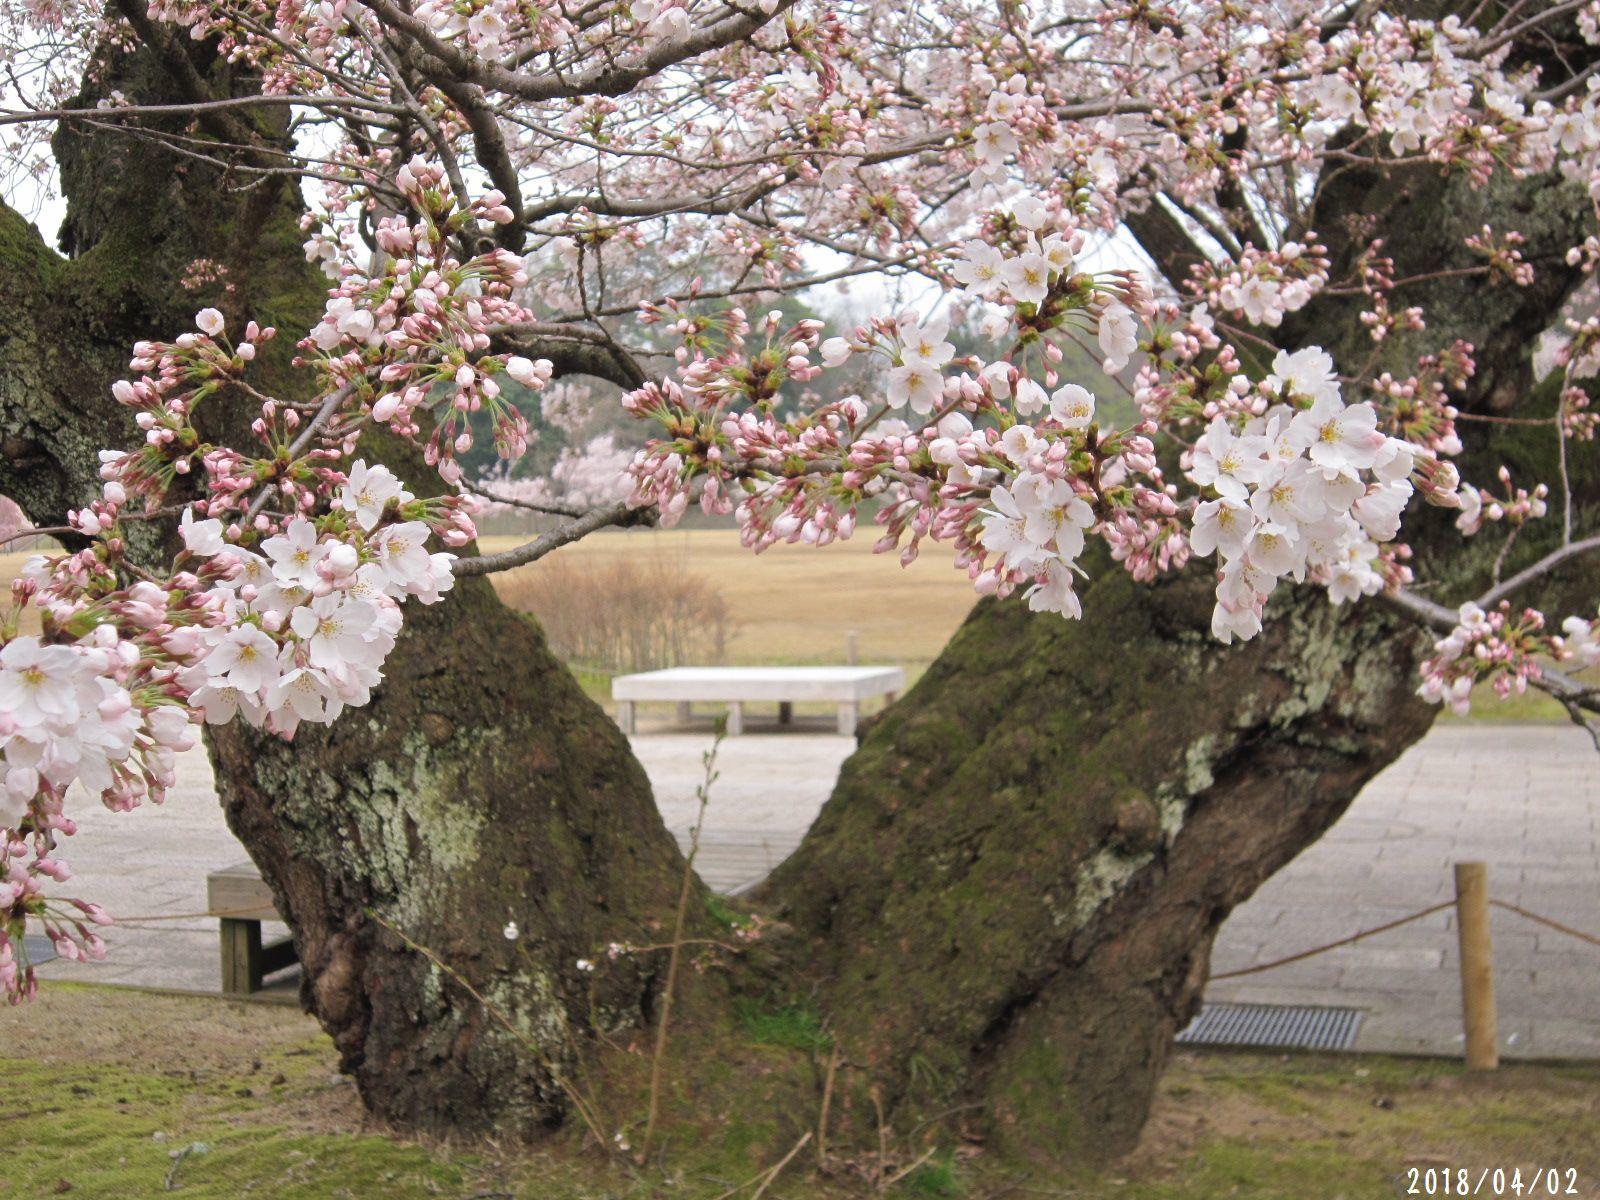 桜だより❀ 満開です❀ (4月7日 追記あり)  _a0207574_17164323.jpg